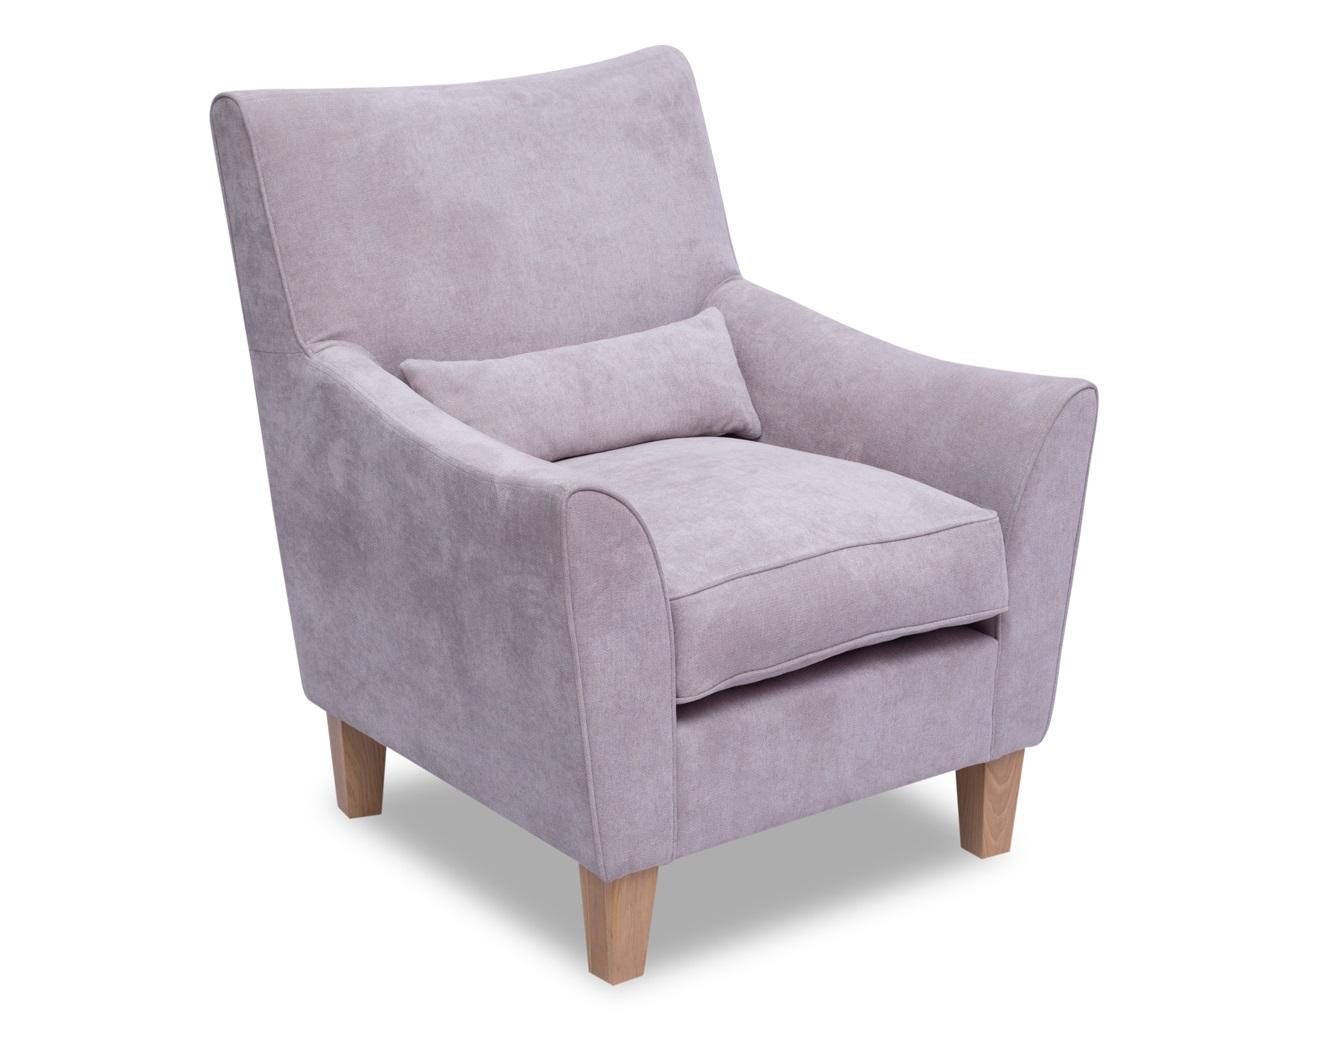 Кресло ХоленИнтерьерные кресла<br>Кресло Холен следует традициям английской сдержанности и элегантности. Удобное сидене не оставят равнодушными никого, кто хоть раз на них присел. Идеален для гостиных и кабинетов в стиле кантри. Каркас (комбинации дерева, фанеры и ЛДСП). Для сидячих подушек используют пену различной плотности, а также перо и силиконовое волокно. Для задних подушек есть пять видов наполнения: пена, измельченая пена, пена высокой эластичности, силиконовые волокно.&amp;amp;nbsp;&amp;lt;div&amp;gt;&amp;lt;br&amp;gt;&amp;lt;/div&amp;gt;&amp;lt;div&amp;gt;Материал обивки: Panama 5/1 light brown (Шенилл.&amp;amp;nbsp;&amp;lt;span style=&amp;quot;font-size: 14px;&amp;quot;&amp;gt;Состав: 85% полиэстер, 15% вискоза).&amp;amp;nbsp;&amp;lt;/span&amp;gt;&amp;lt;/div&amp;gt;<br><br>Material: Текстиль<br>Width см: 80<br>Depth см: 86<br>Height см: 93